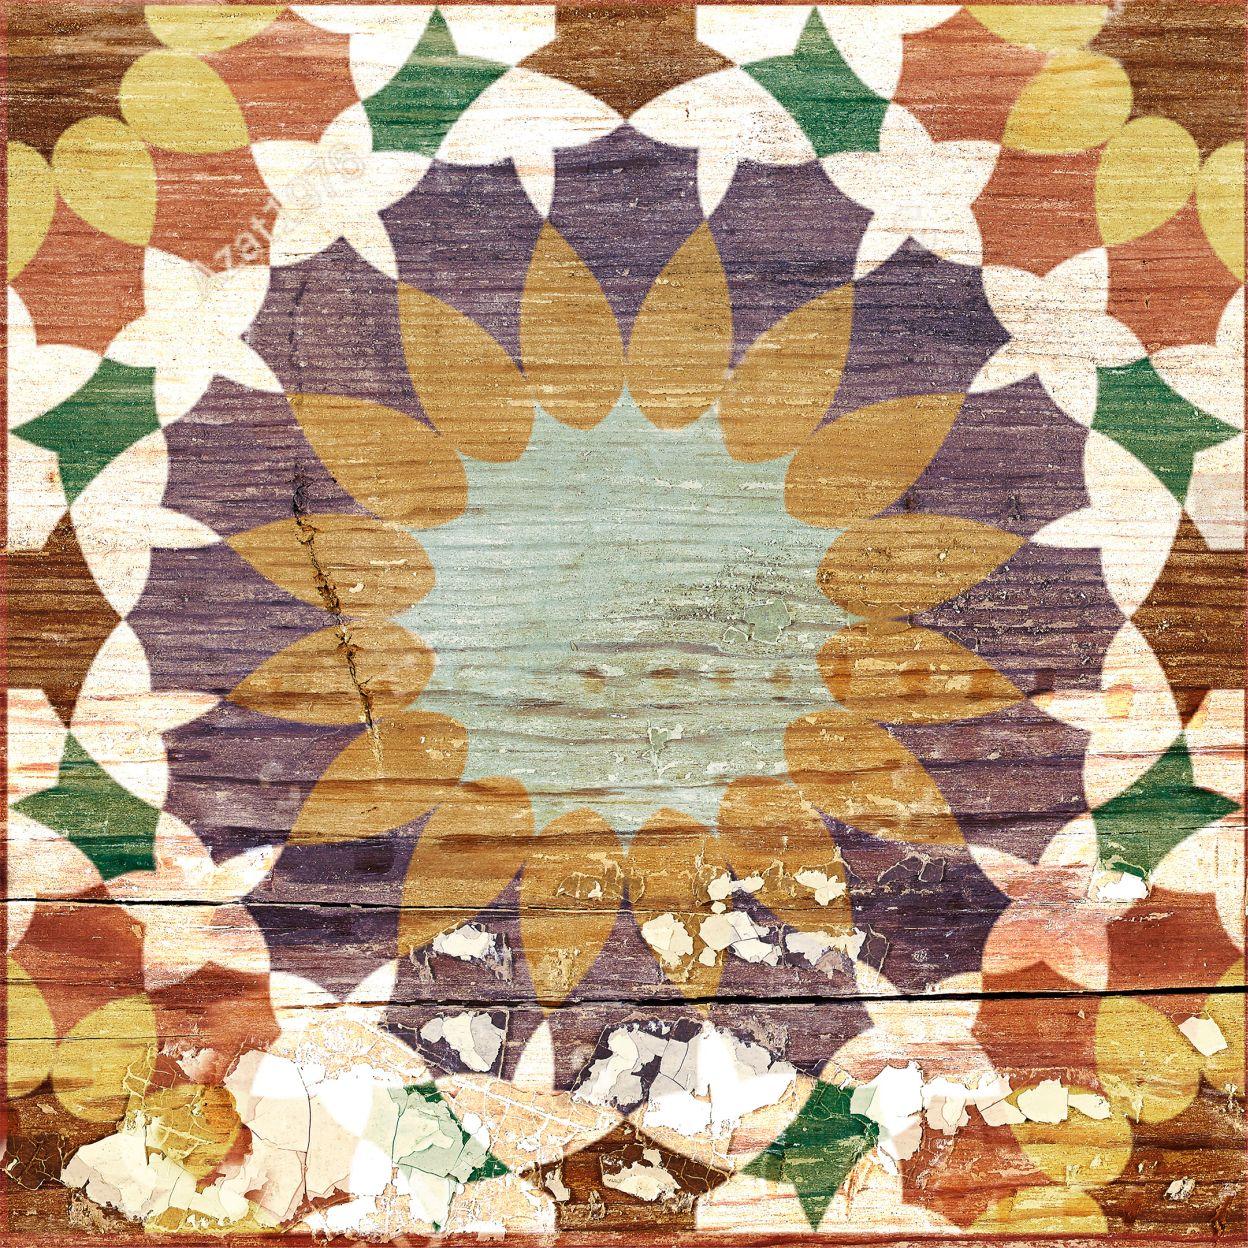 Керамогранит декор Gracia Ceramica Belinda мульти 02 200x200x8 мм (22 шт.=0,88 кв.м) панно gracia ceramica palermo beige 02 50x40 комплект